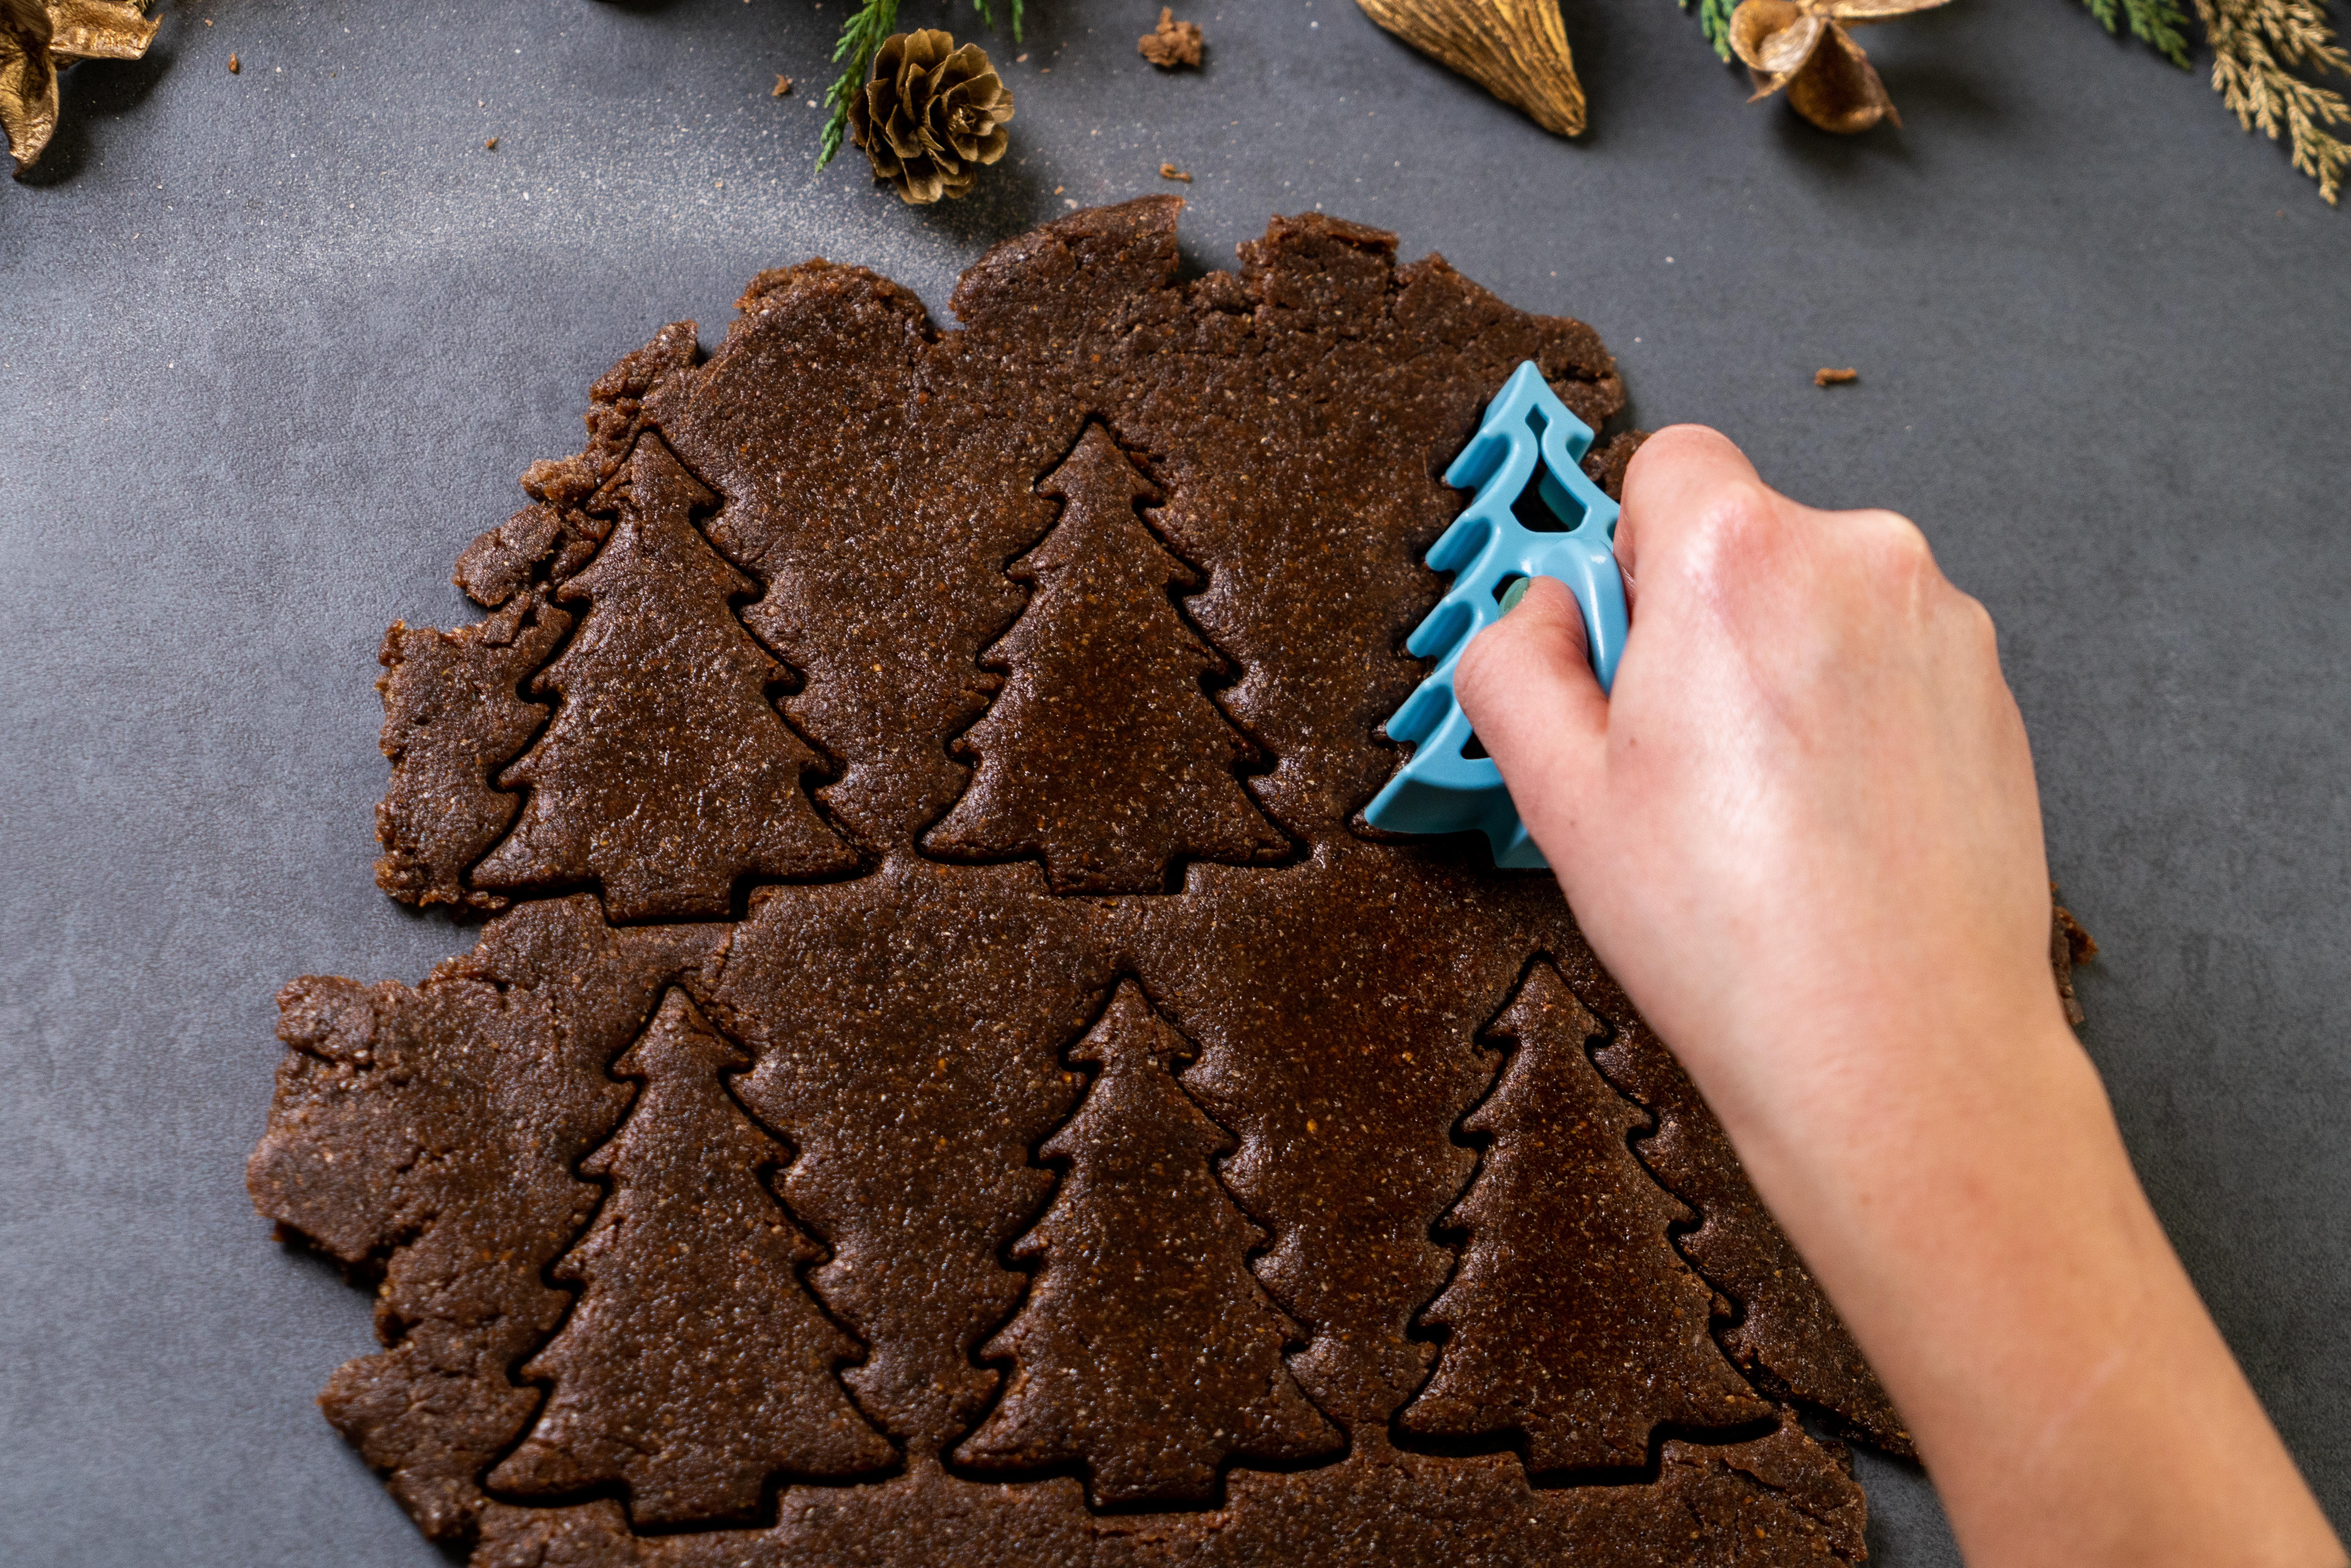 galletas en forma de árbol navideño hechos con jengibre, canela, harina integral y manteqilla de coco, pasos para prepararlos